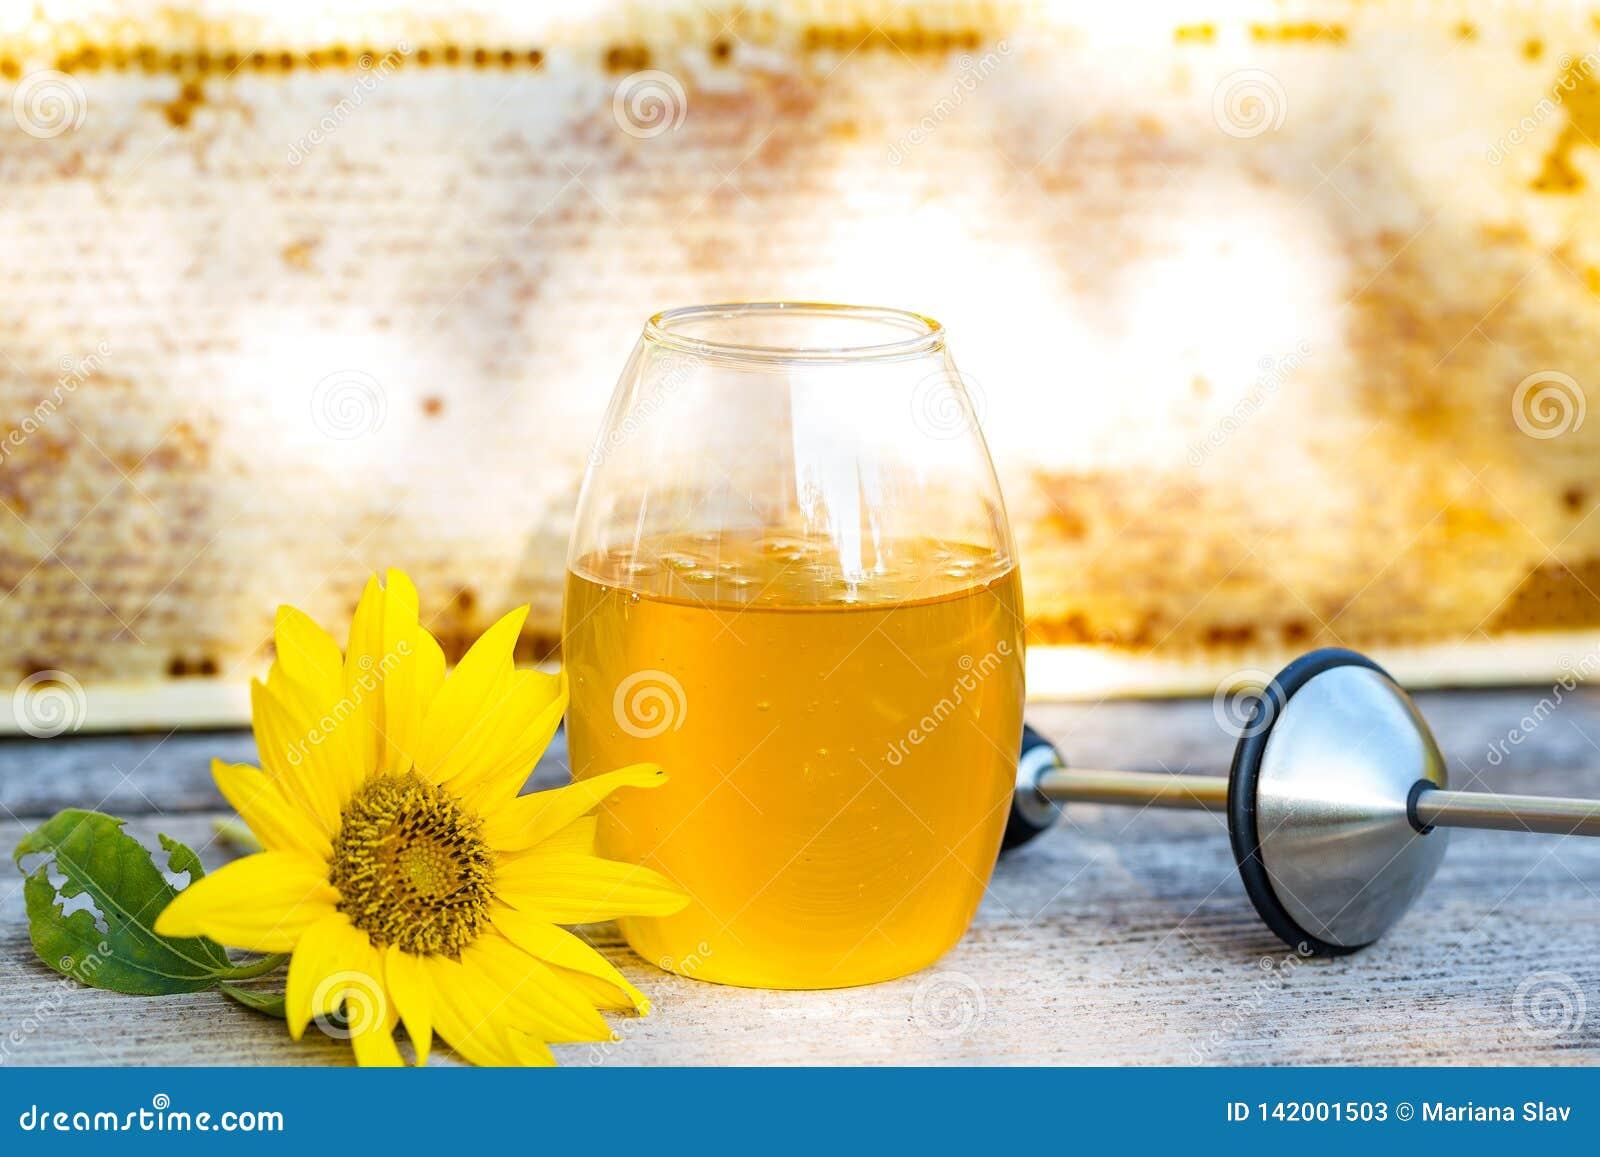 Primo piano del barattolo di miele e di un girasole